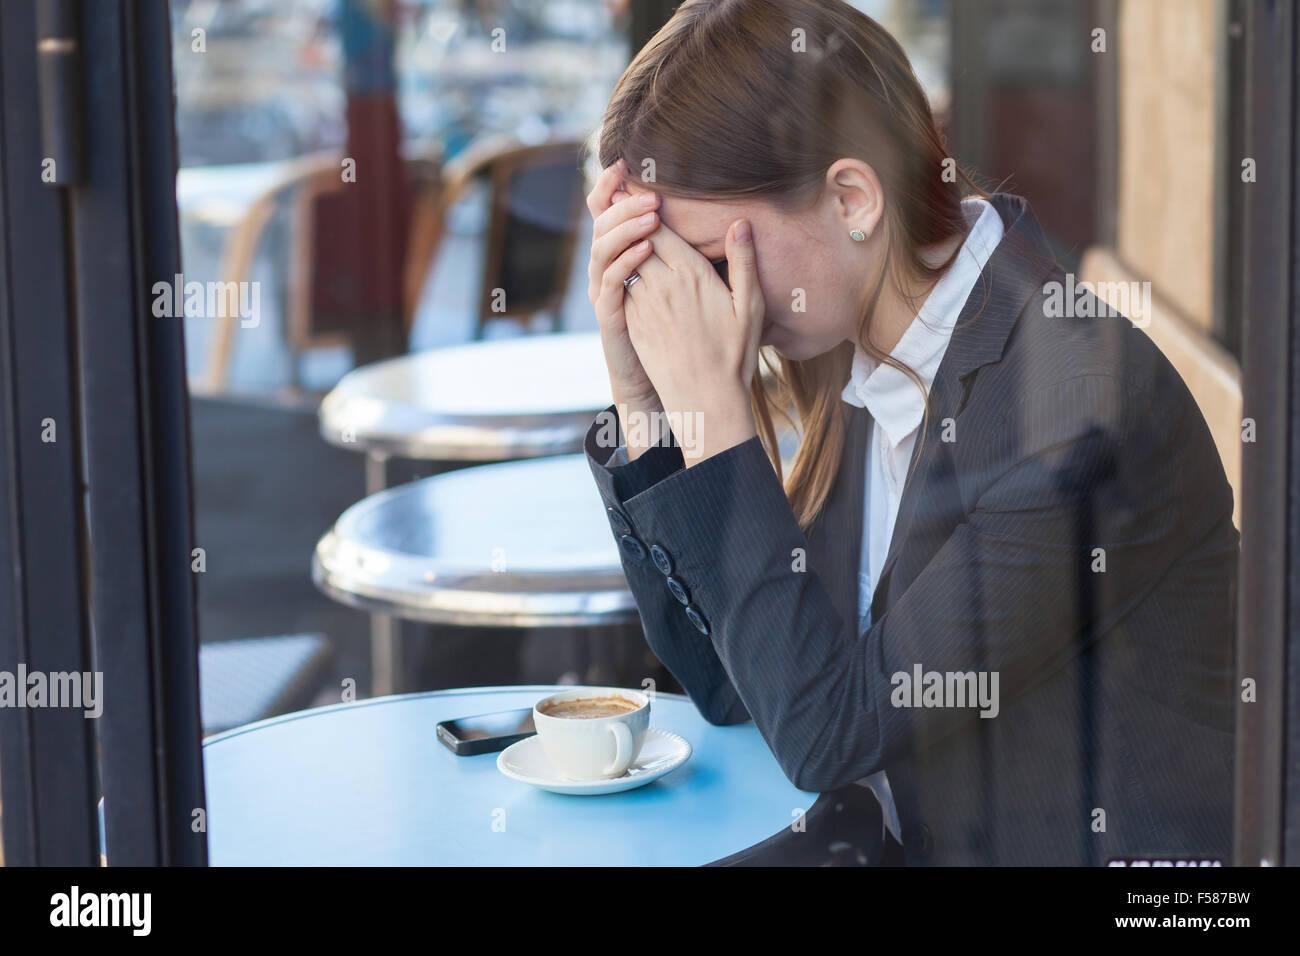 Mujer llorando en el café Imagen De Stock